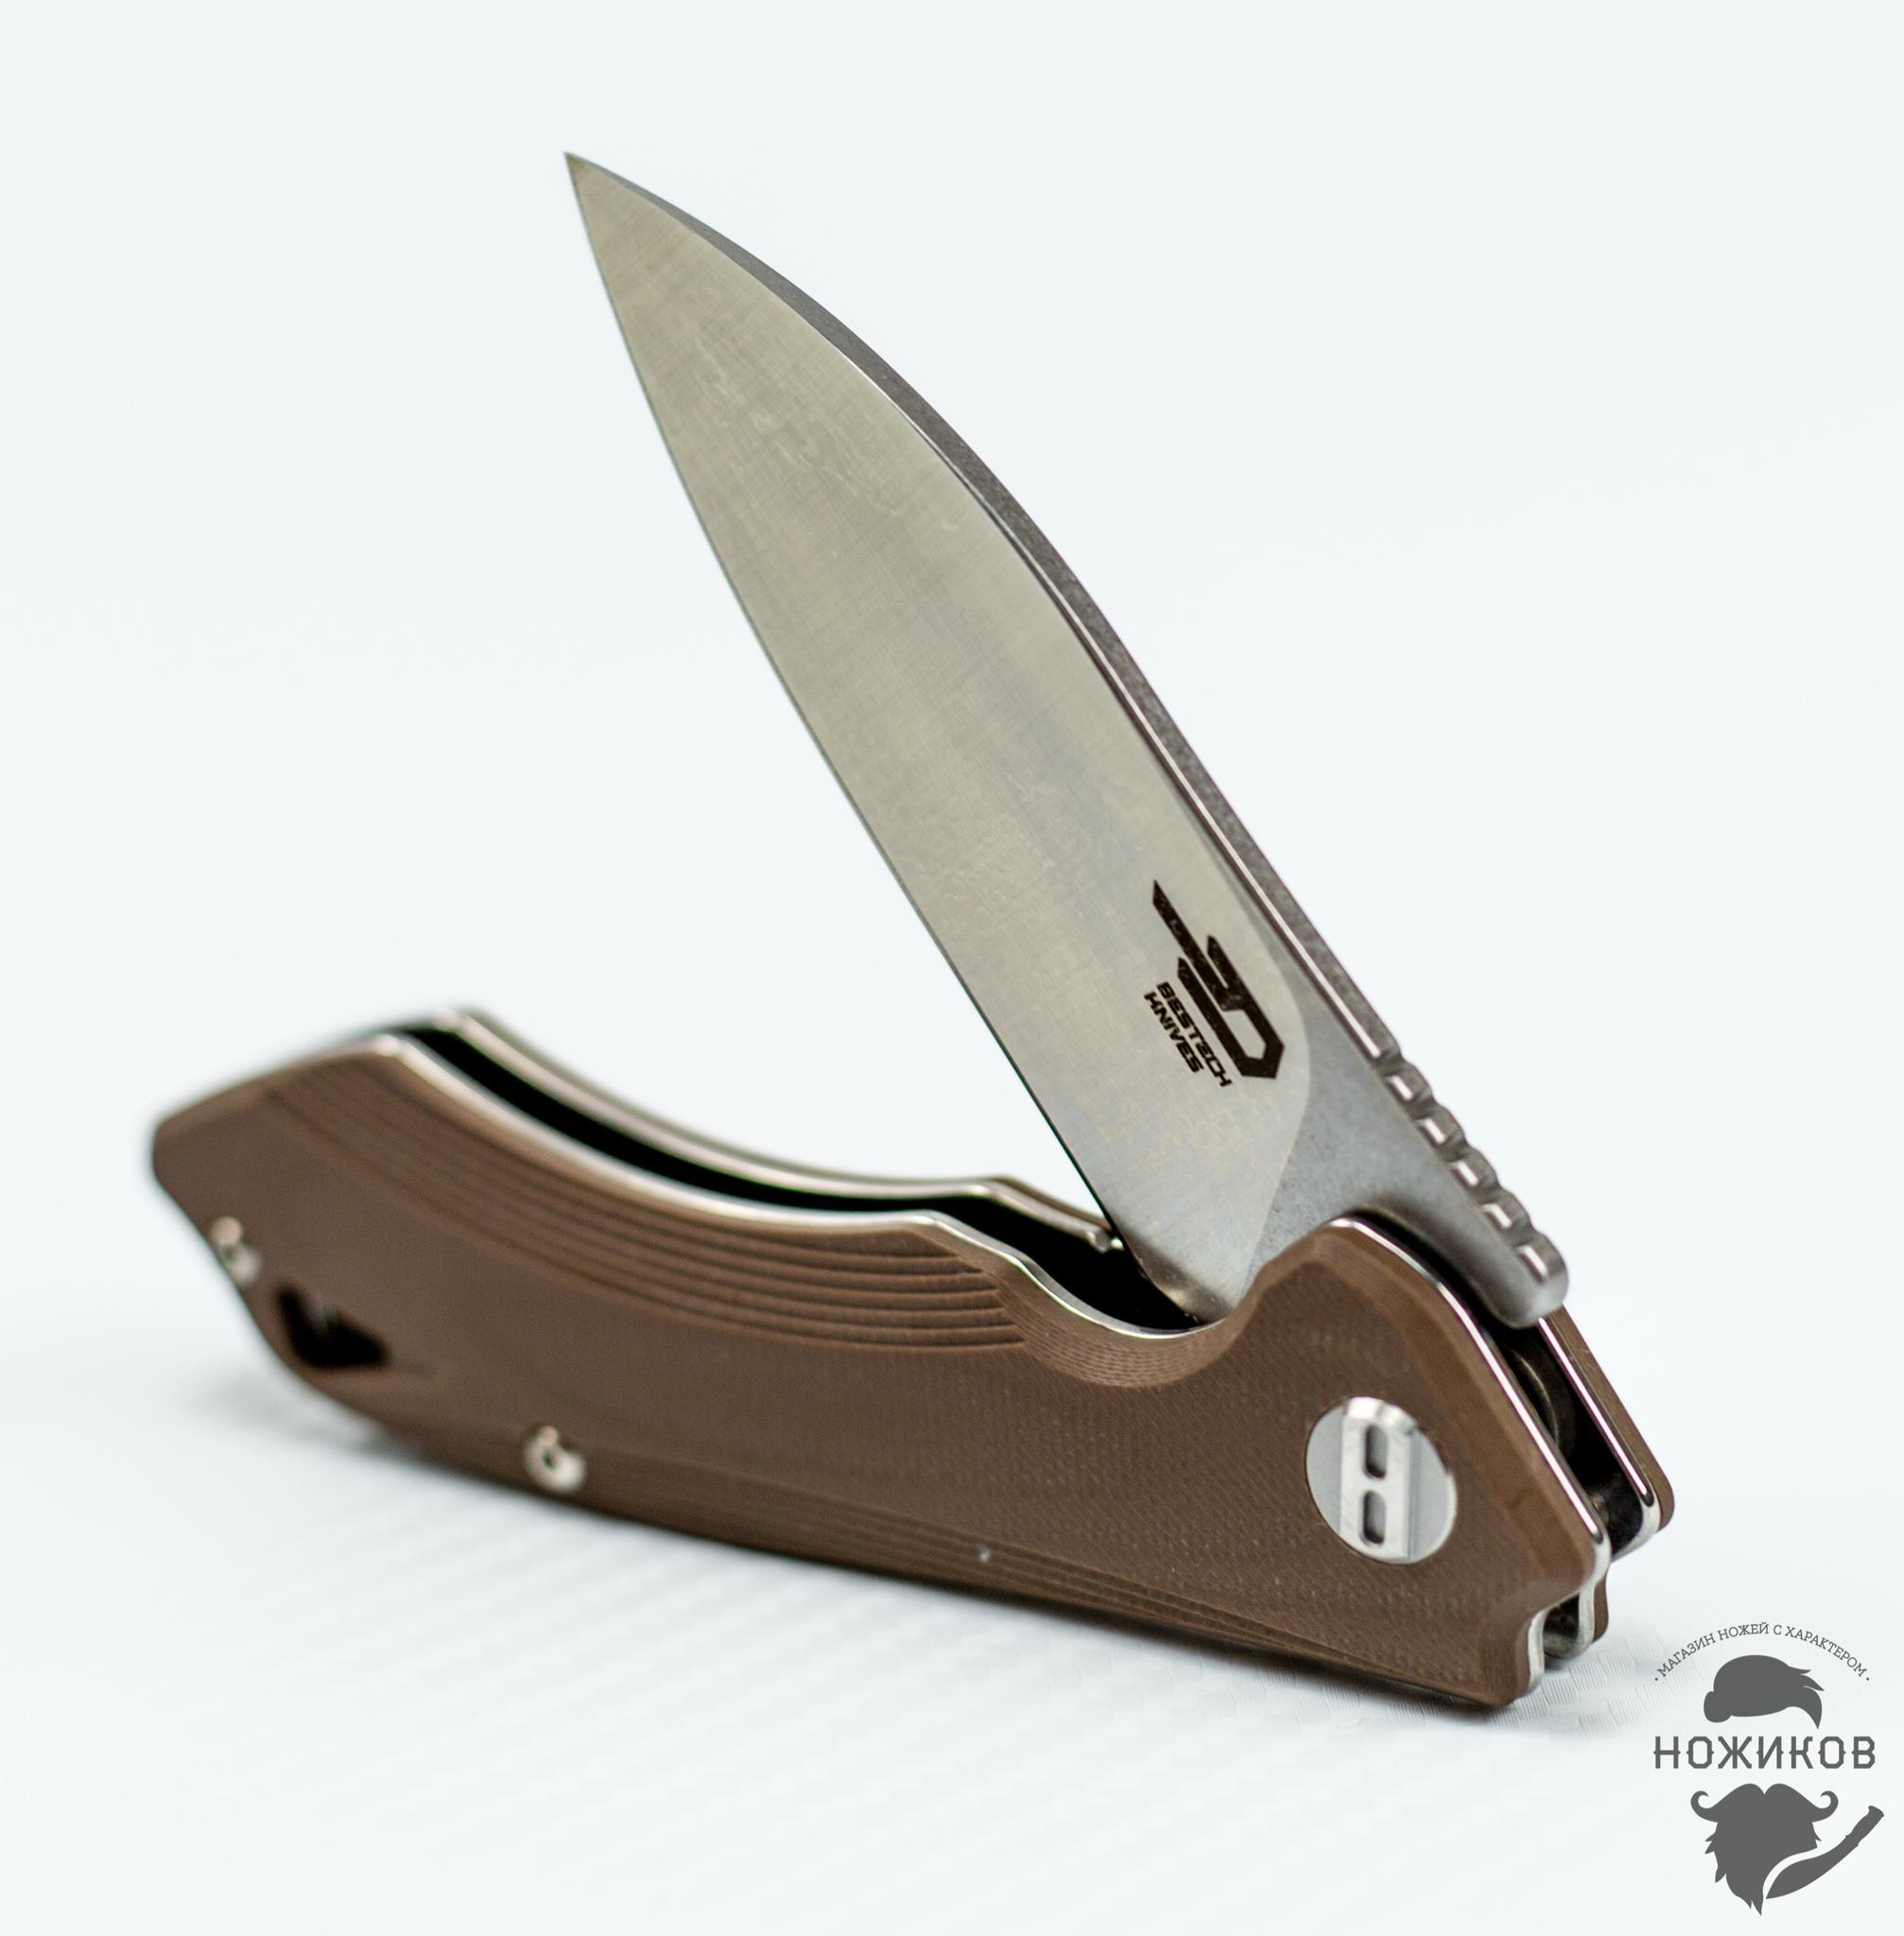 Фото 9 - Складной нож Bestech Beluga BG11C-2, сталь Sandvik 12C27 от Bestech Knives